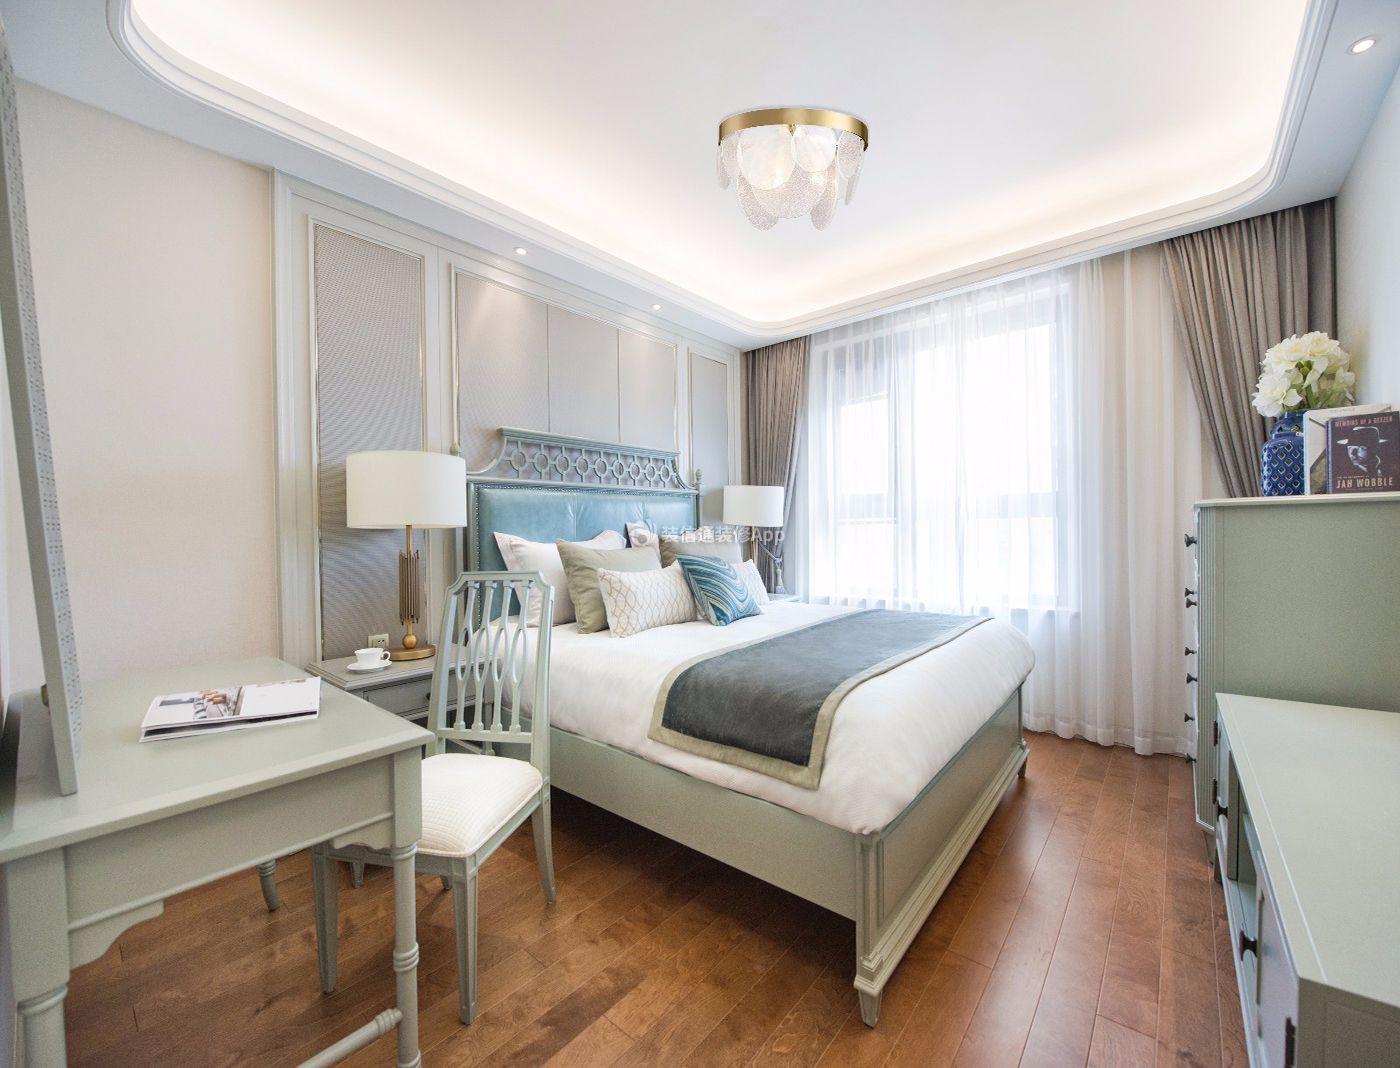 现代美式房屋卧室装修效果图欣赏